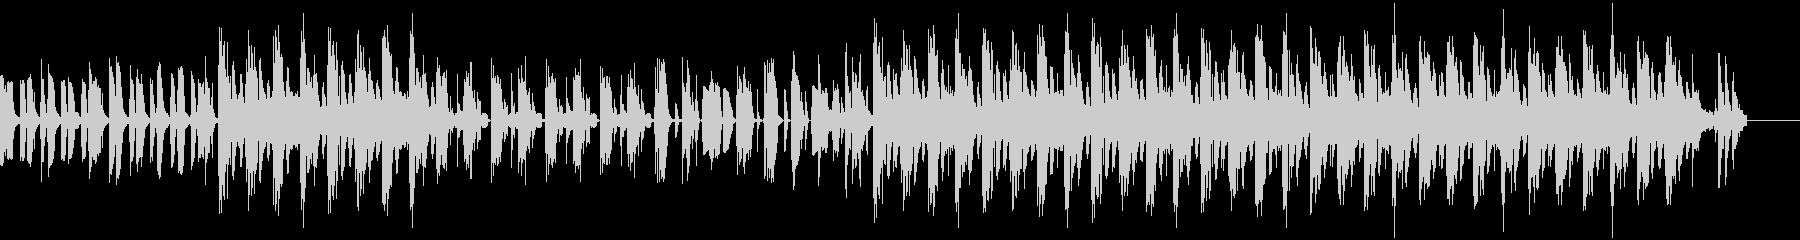 アフリカ大陸の音楽っぽいBGMの未再生の波形